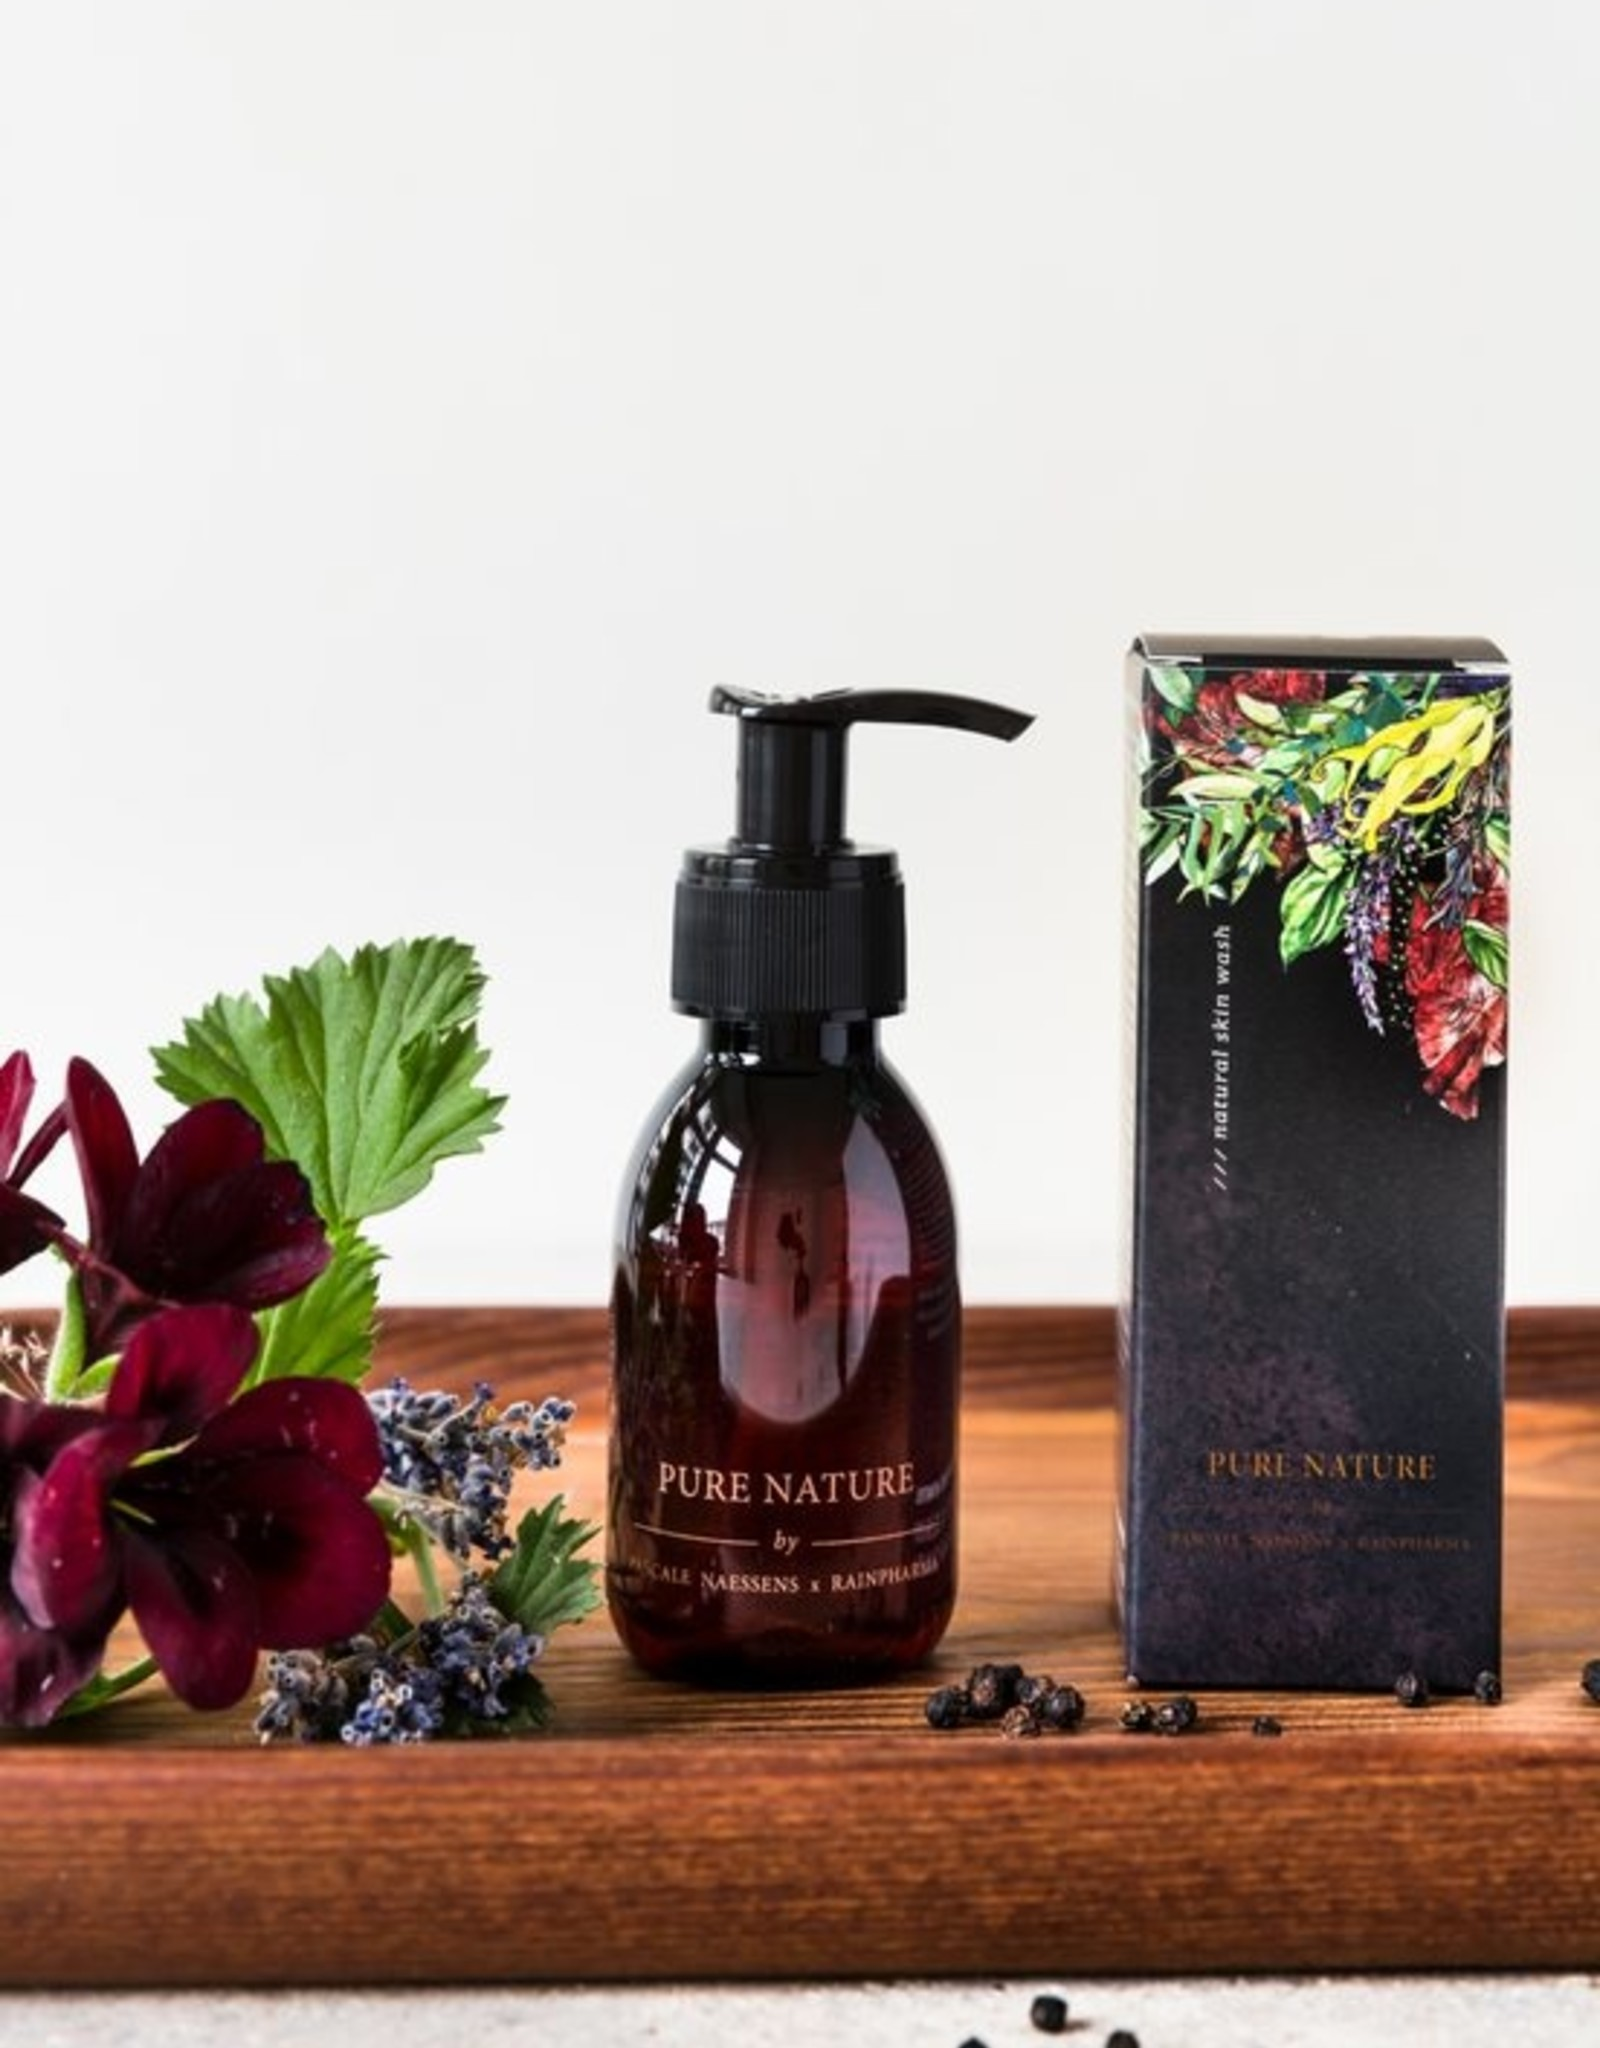 RainPharma Skin Wash Pure Nature 100ml - Rainpharma